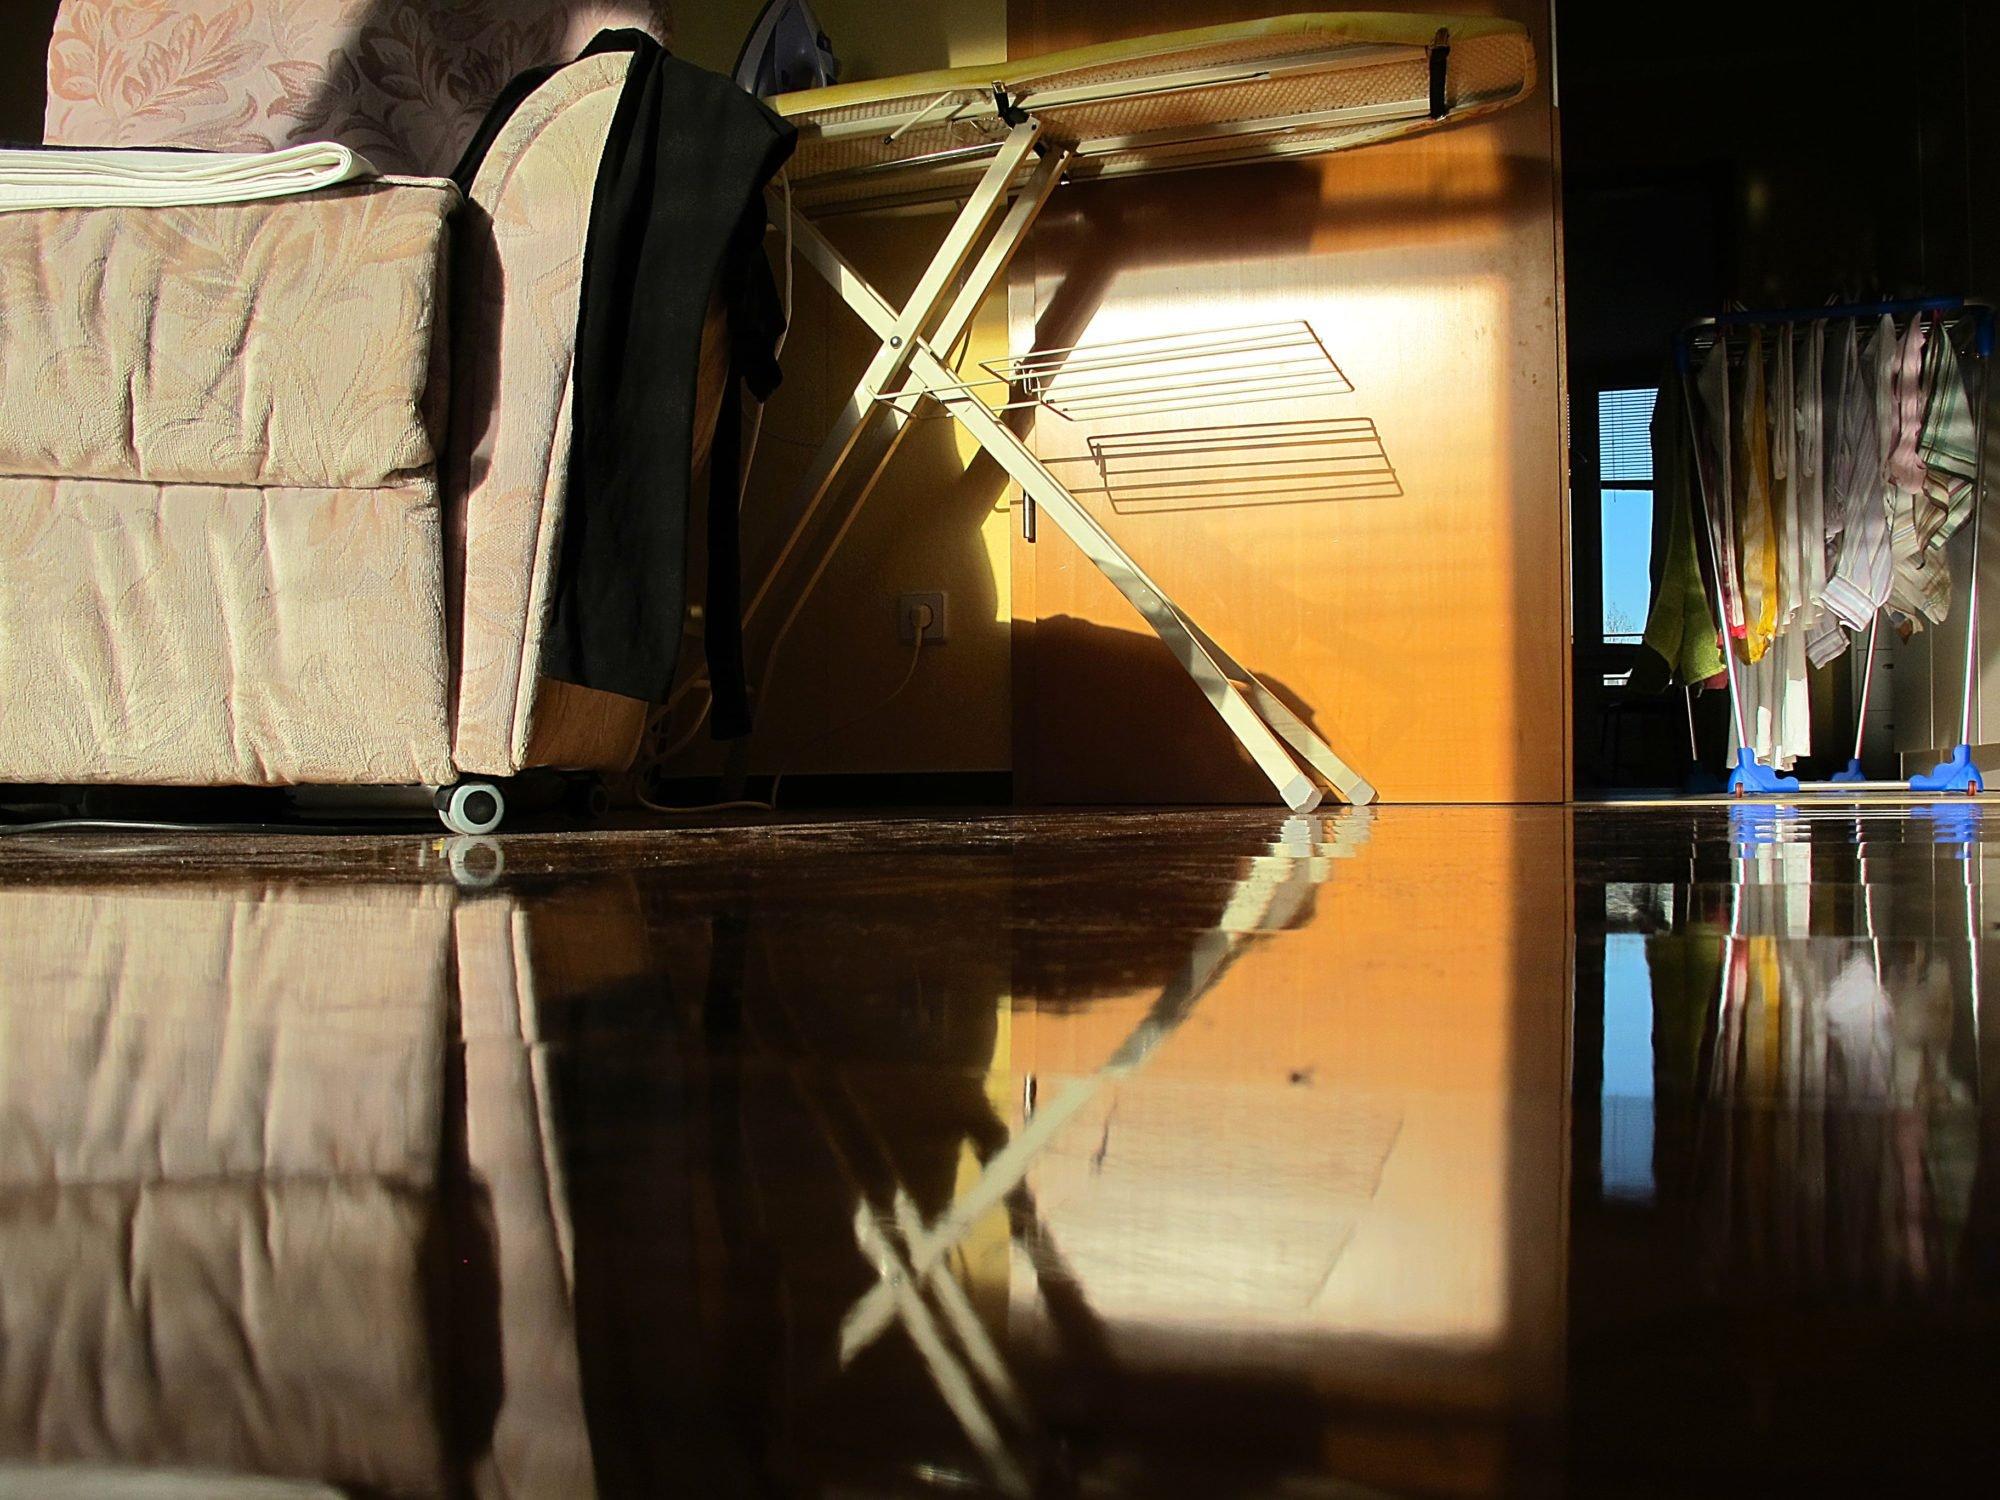 Farbfotografie: ein schummeriges Wohnzimmer mit Sessel und Bügelbrett, das sich im polierten Fußboden spiegelt